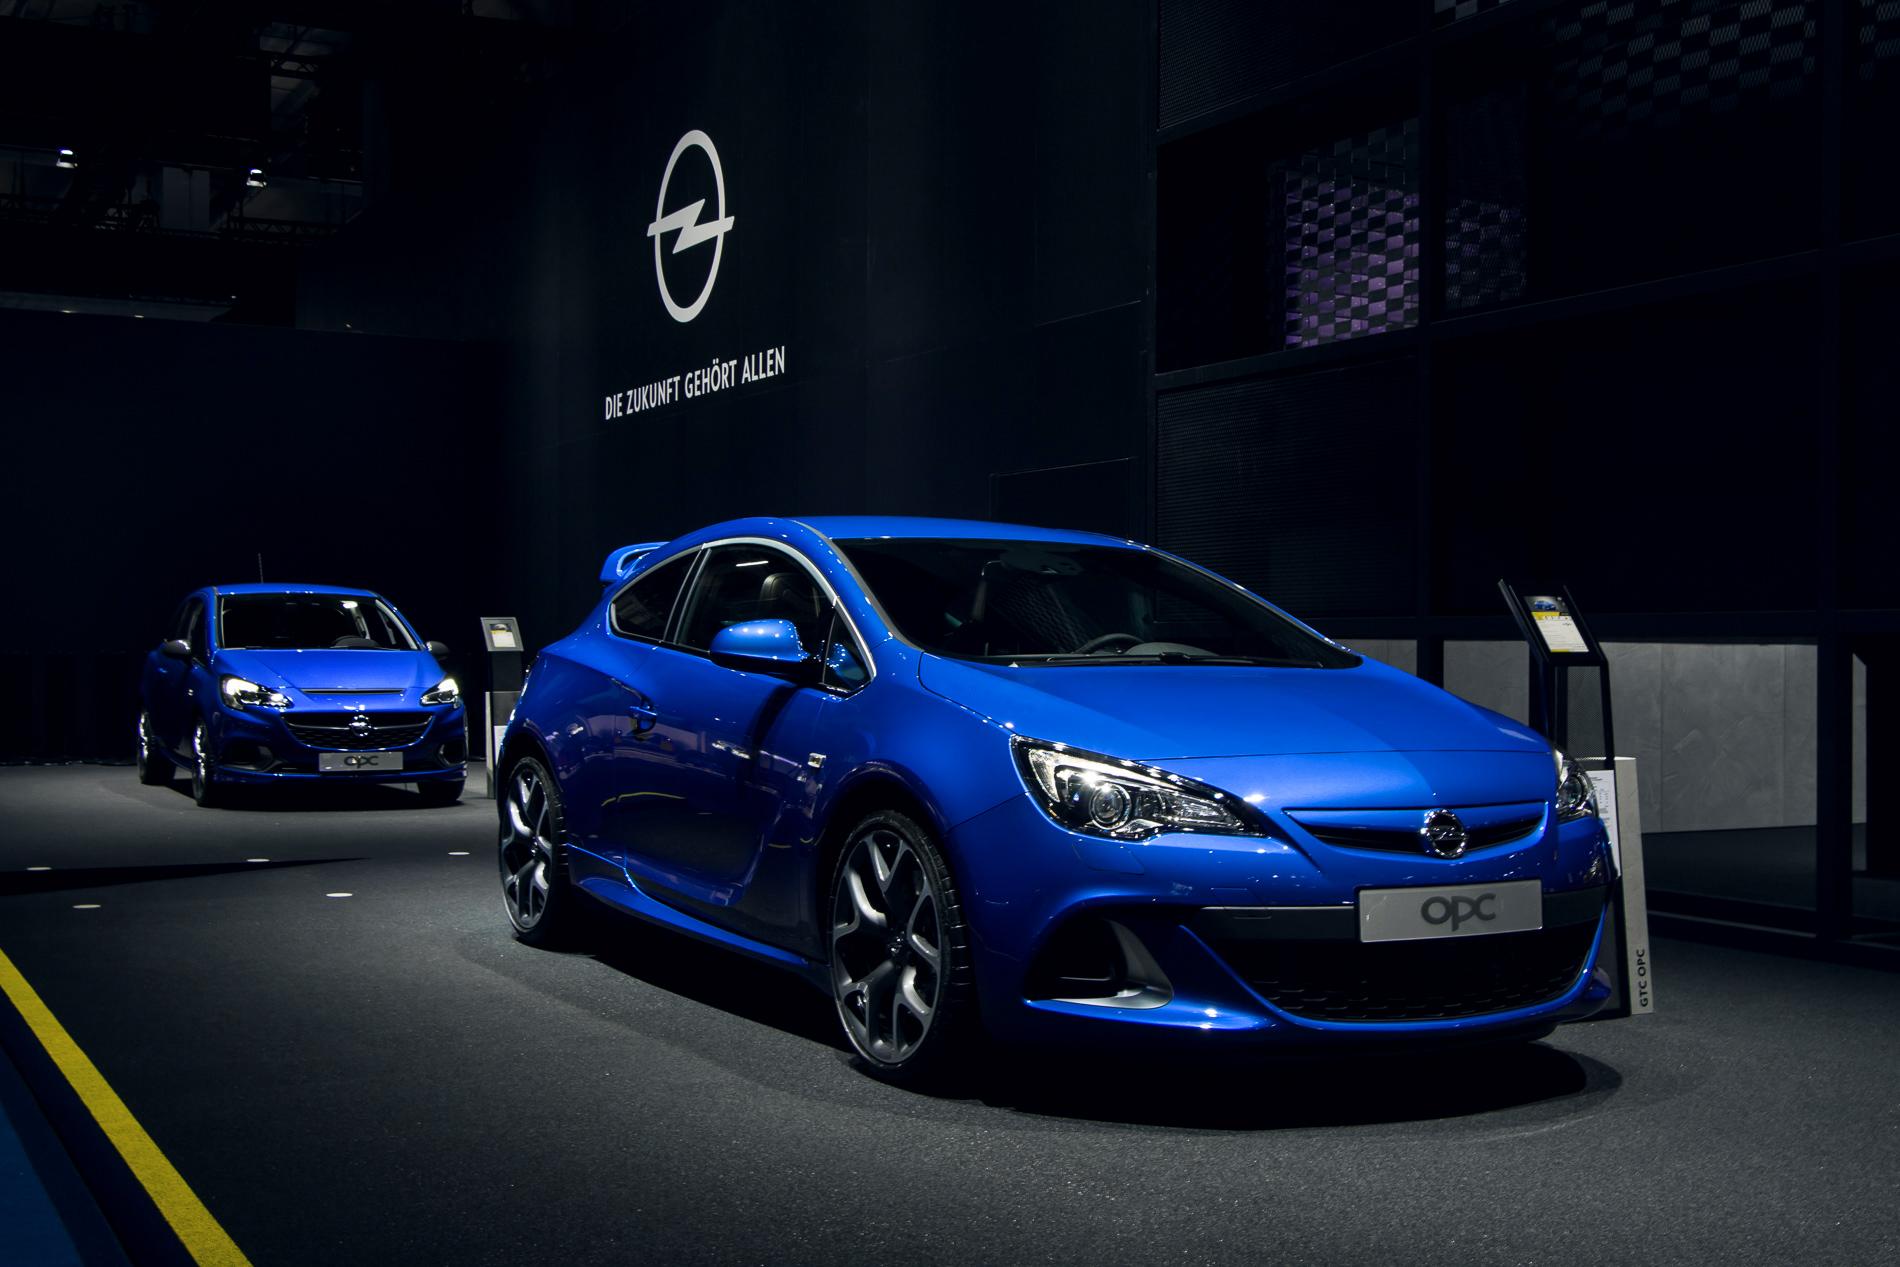 Opel Astra Corsa OPC